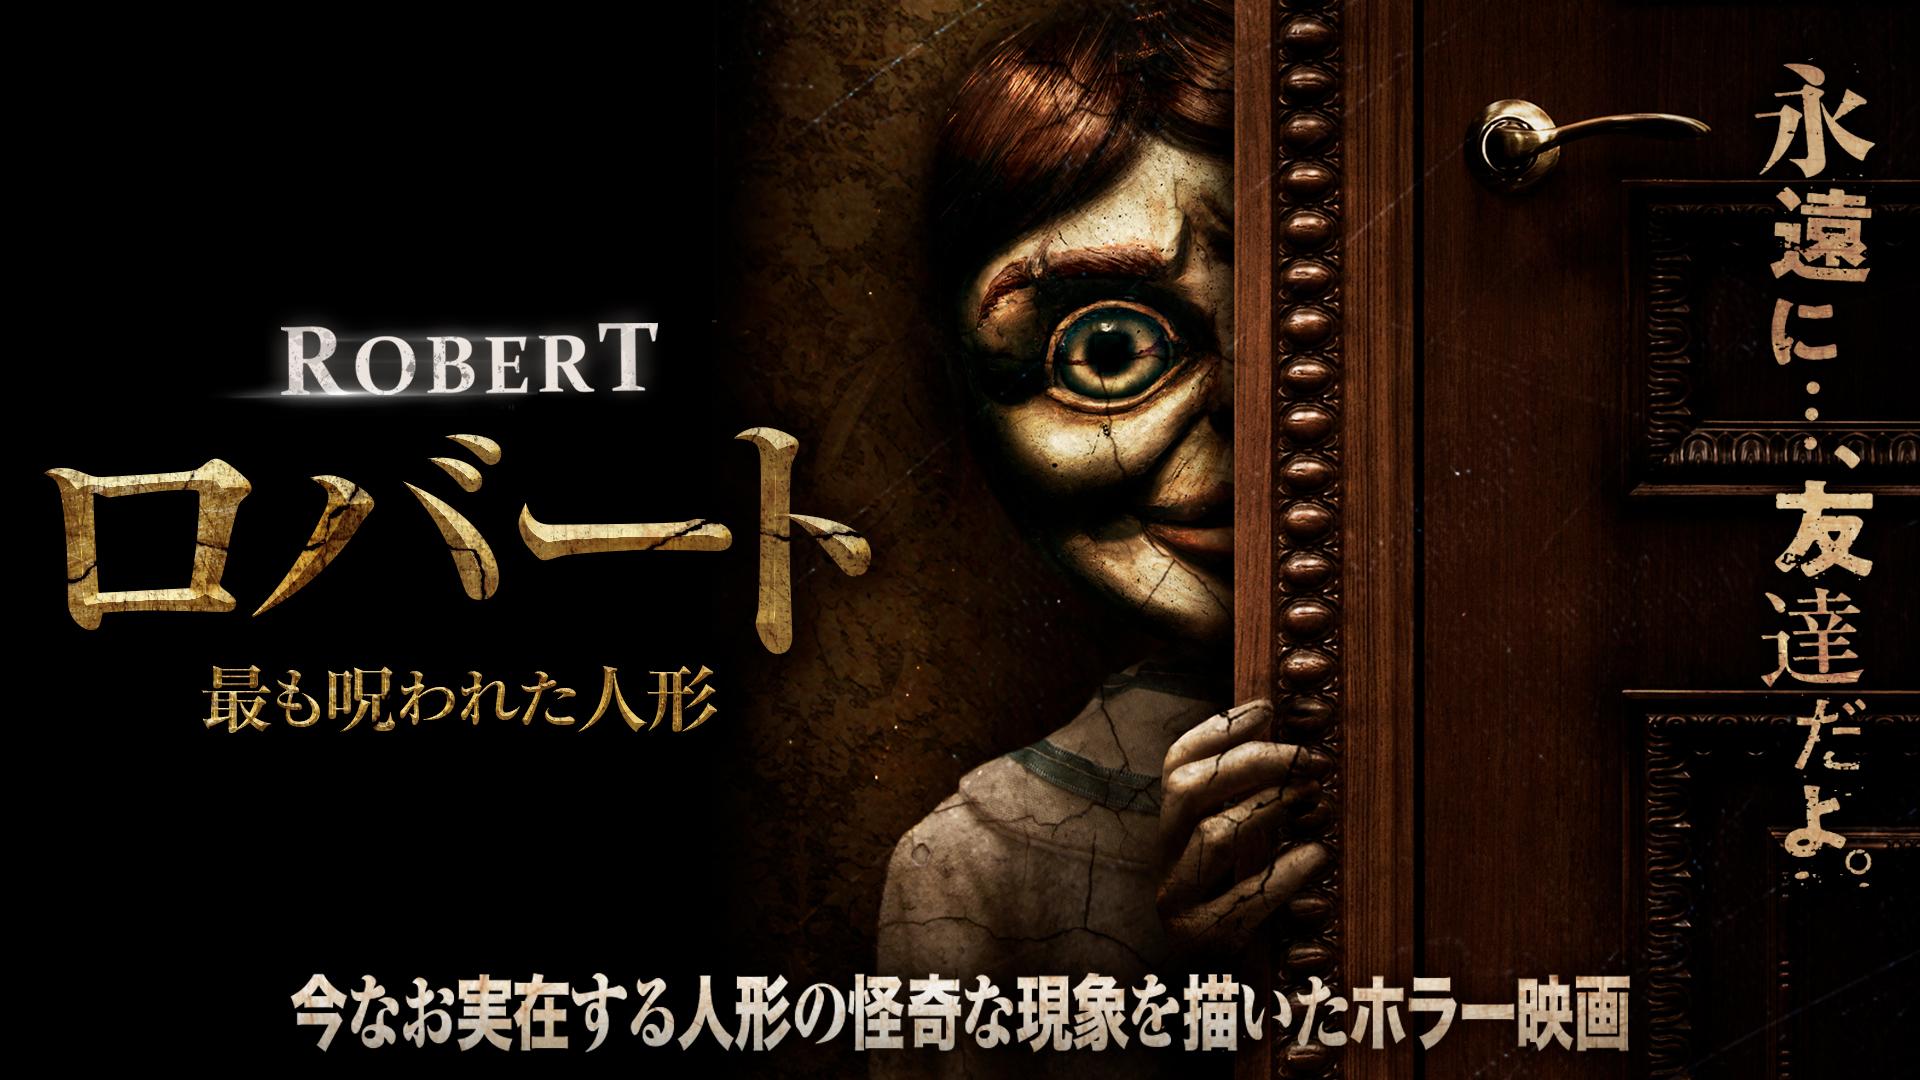 ロバート 最も呪われた人形(字幕版)